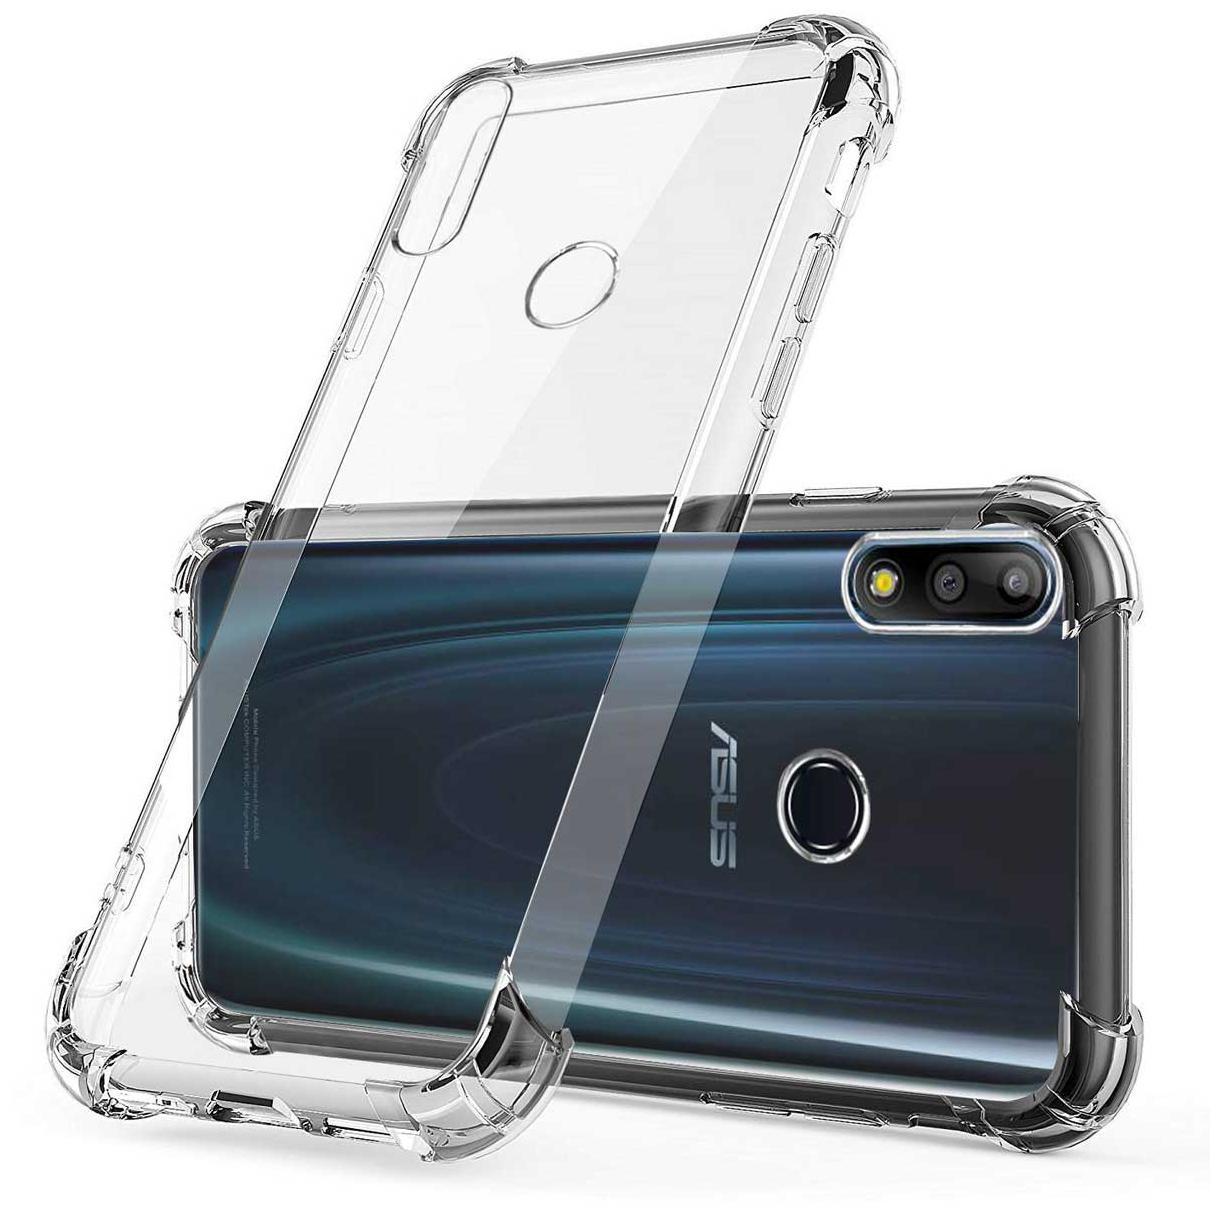 TBZ Back Cover For Asus Zenfone Max Pro M2  Transparent  by Avito Enterprises